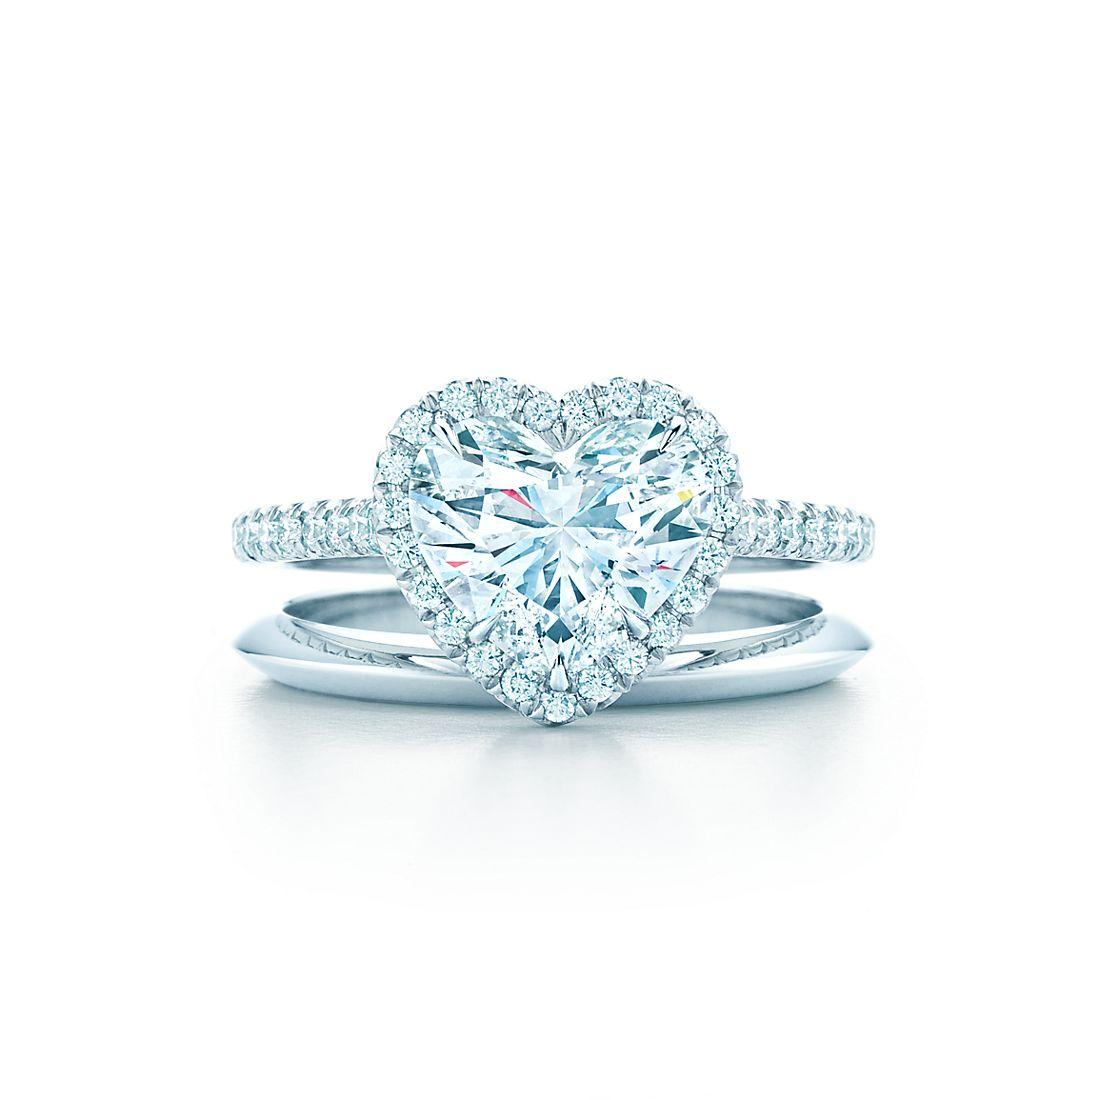 Tiffany Soleste Heart Shaped Halo Diamond With Diamond Band